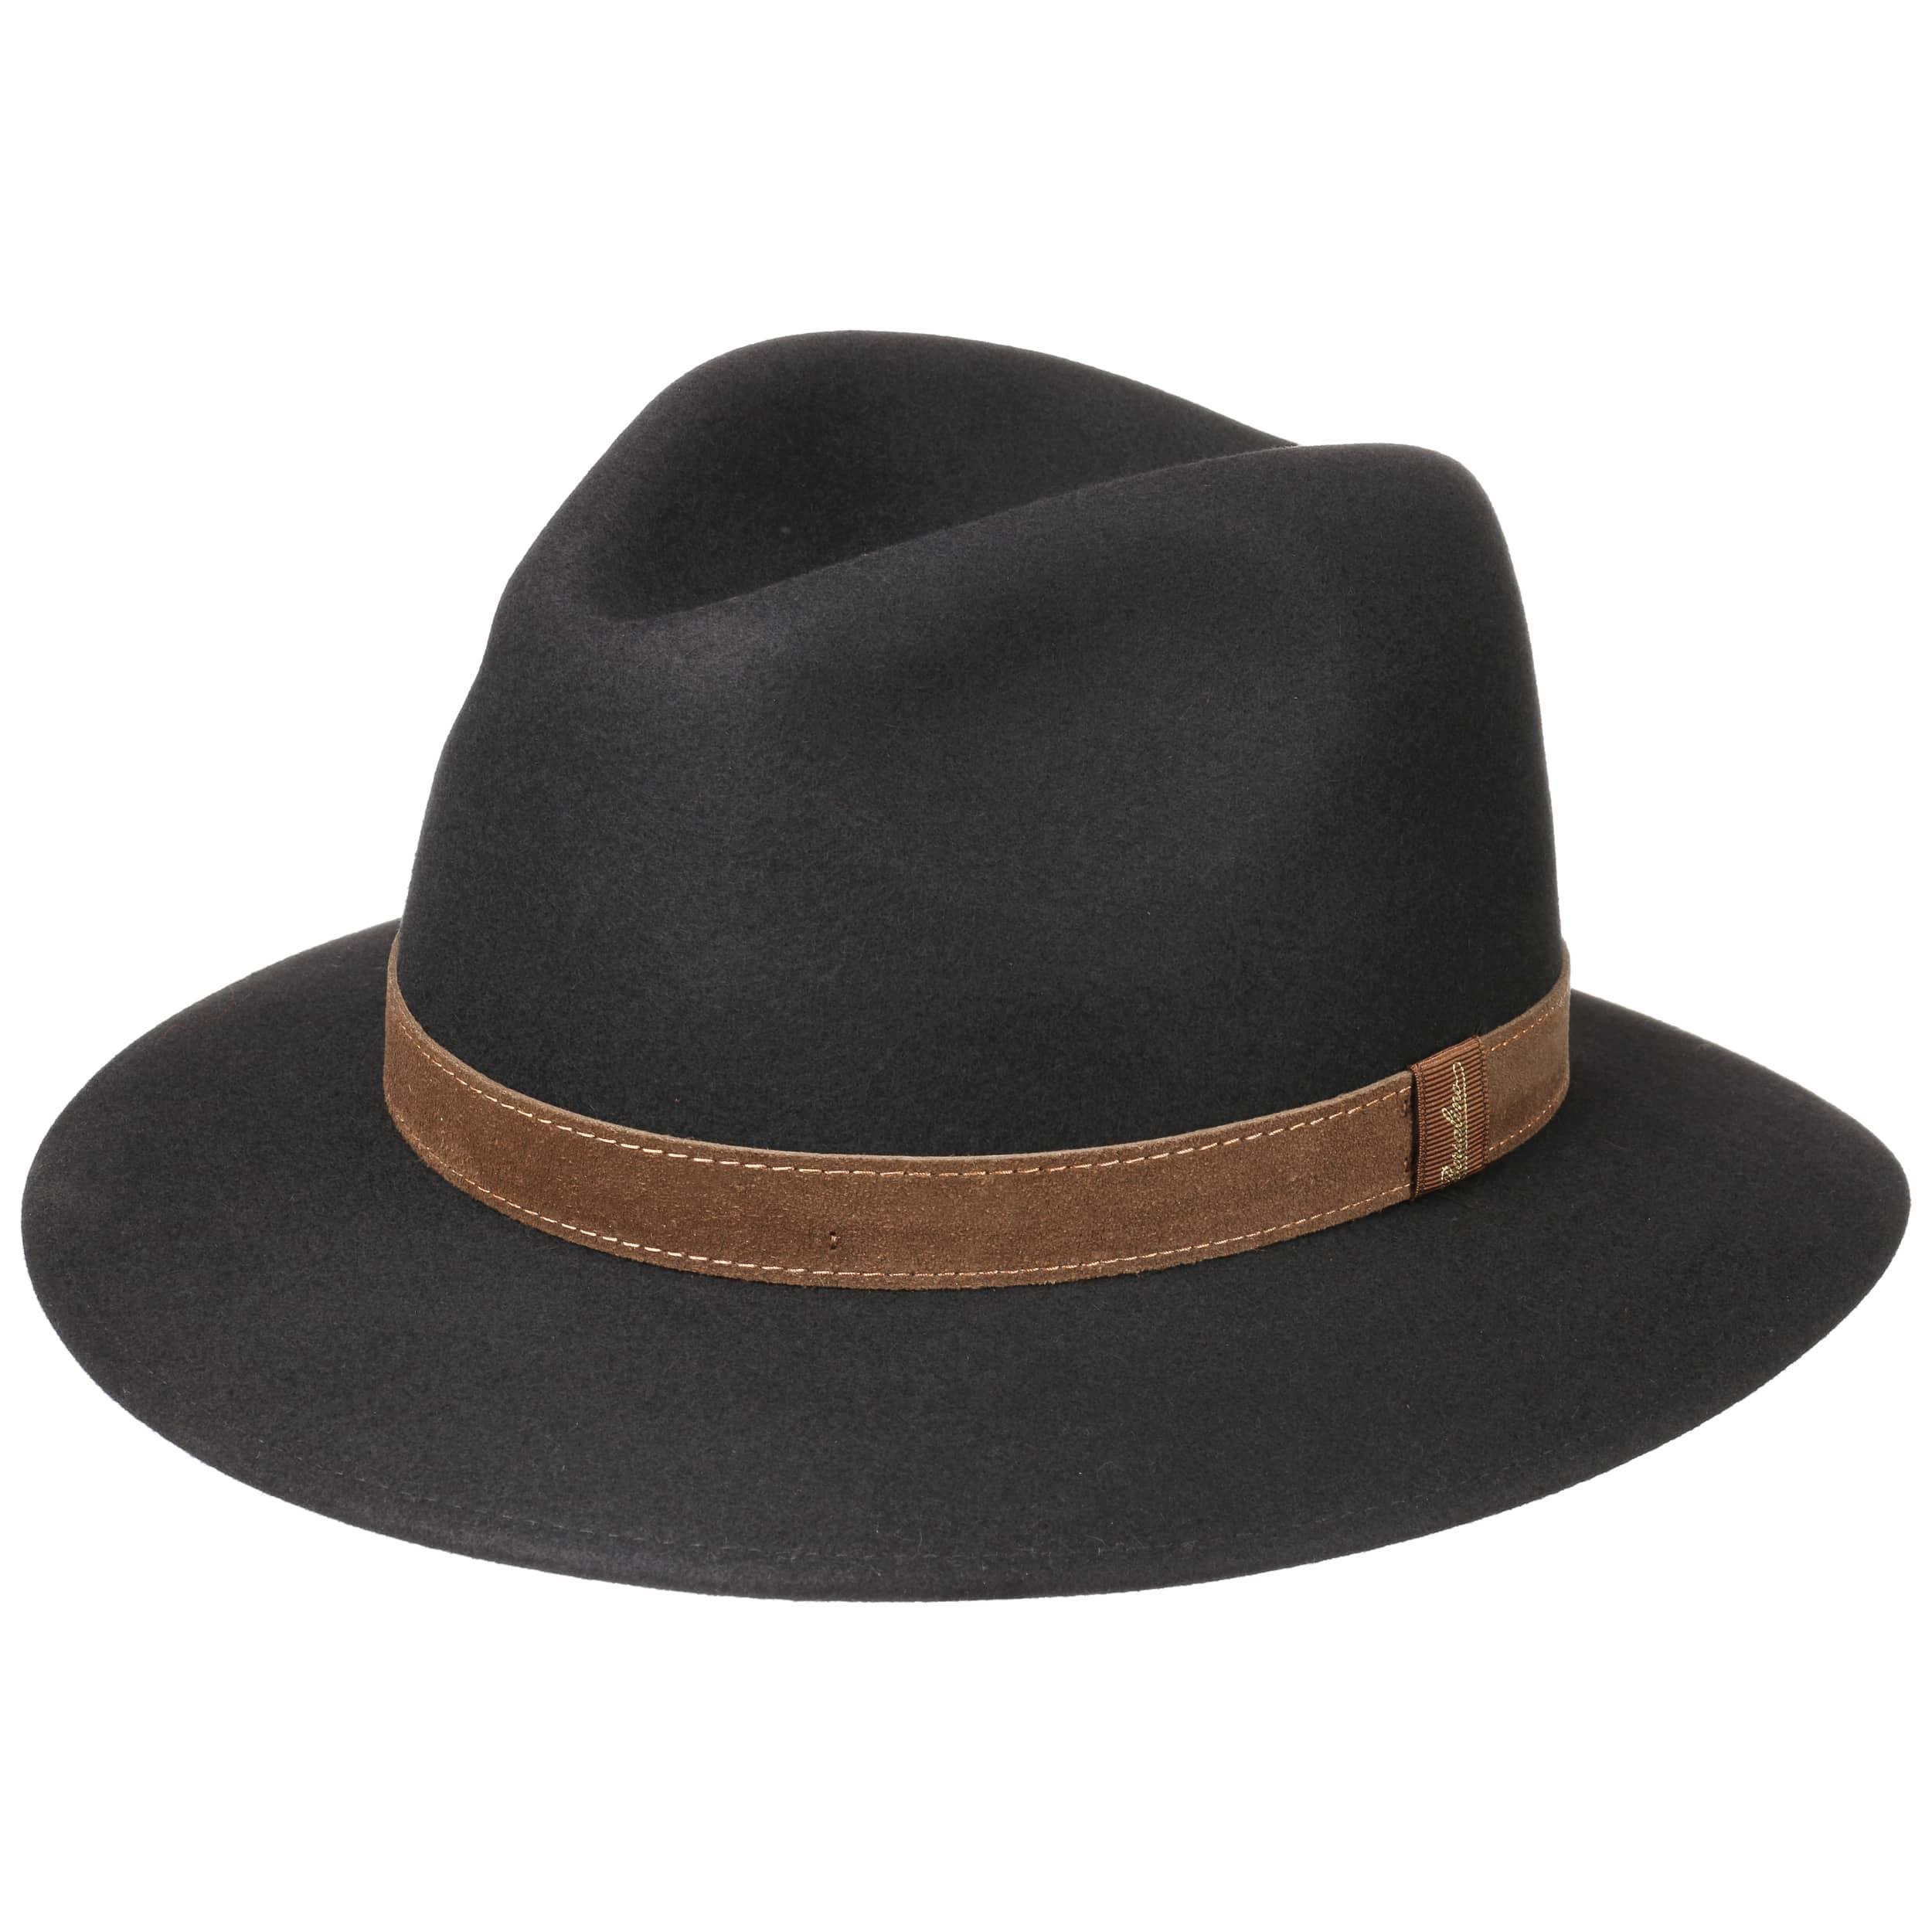 Sombrero Nero Pack Away by Borsalino - Sombreros - sombreroshop.es 0e518f78529